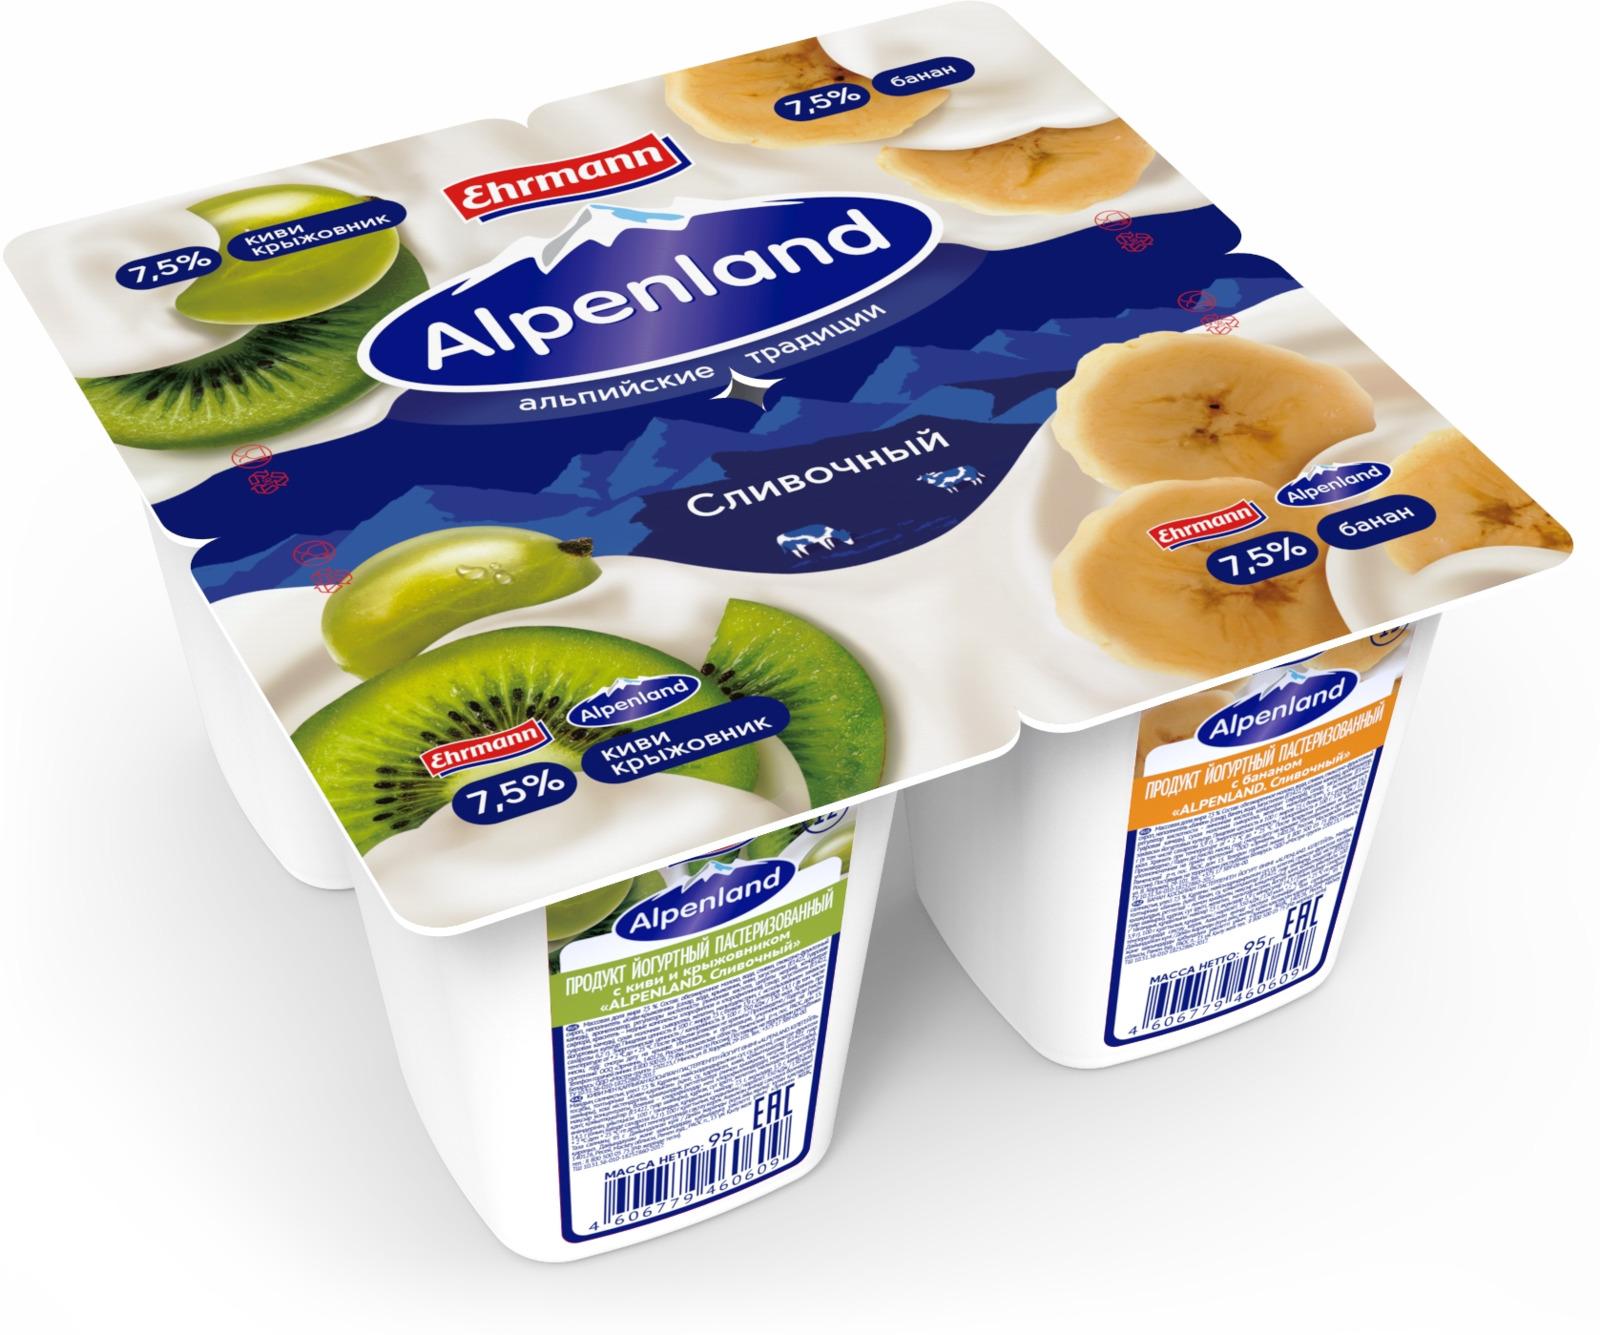 Йогуртный продукт Alpenland, киви и крыжовник, банан, 7,5%, 95 г